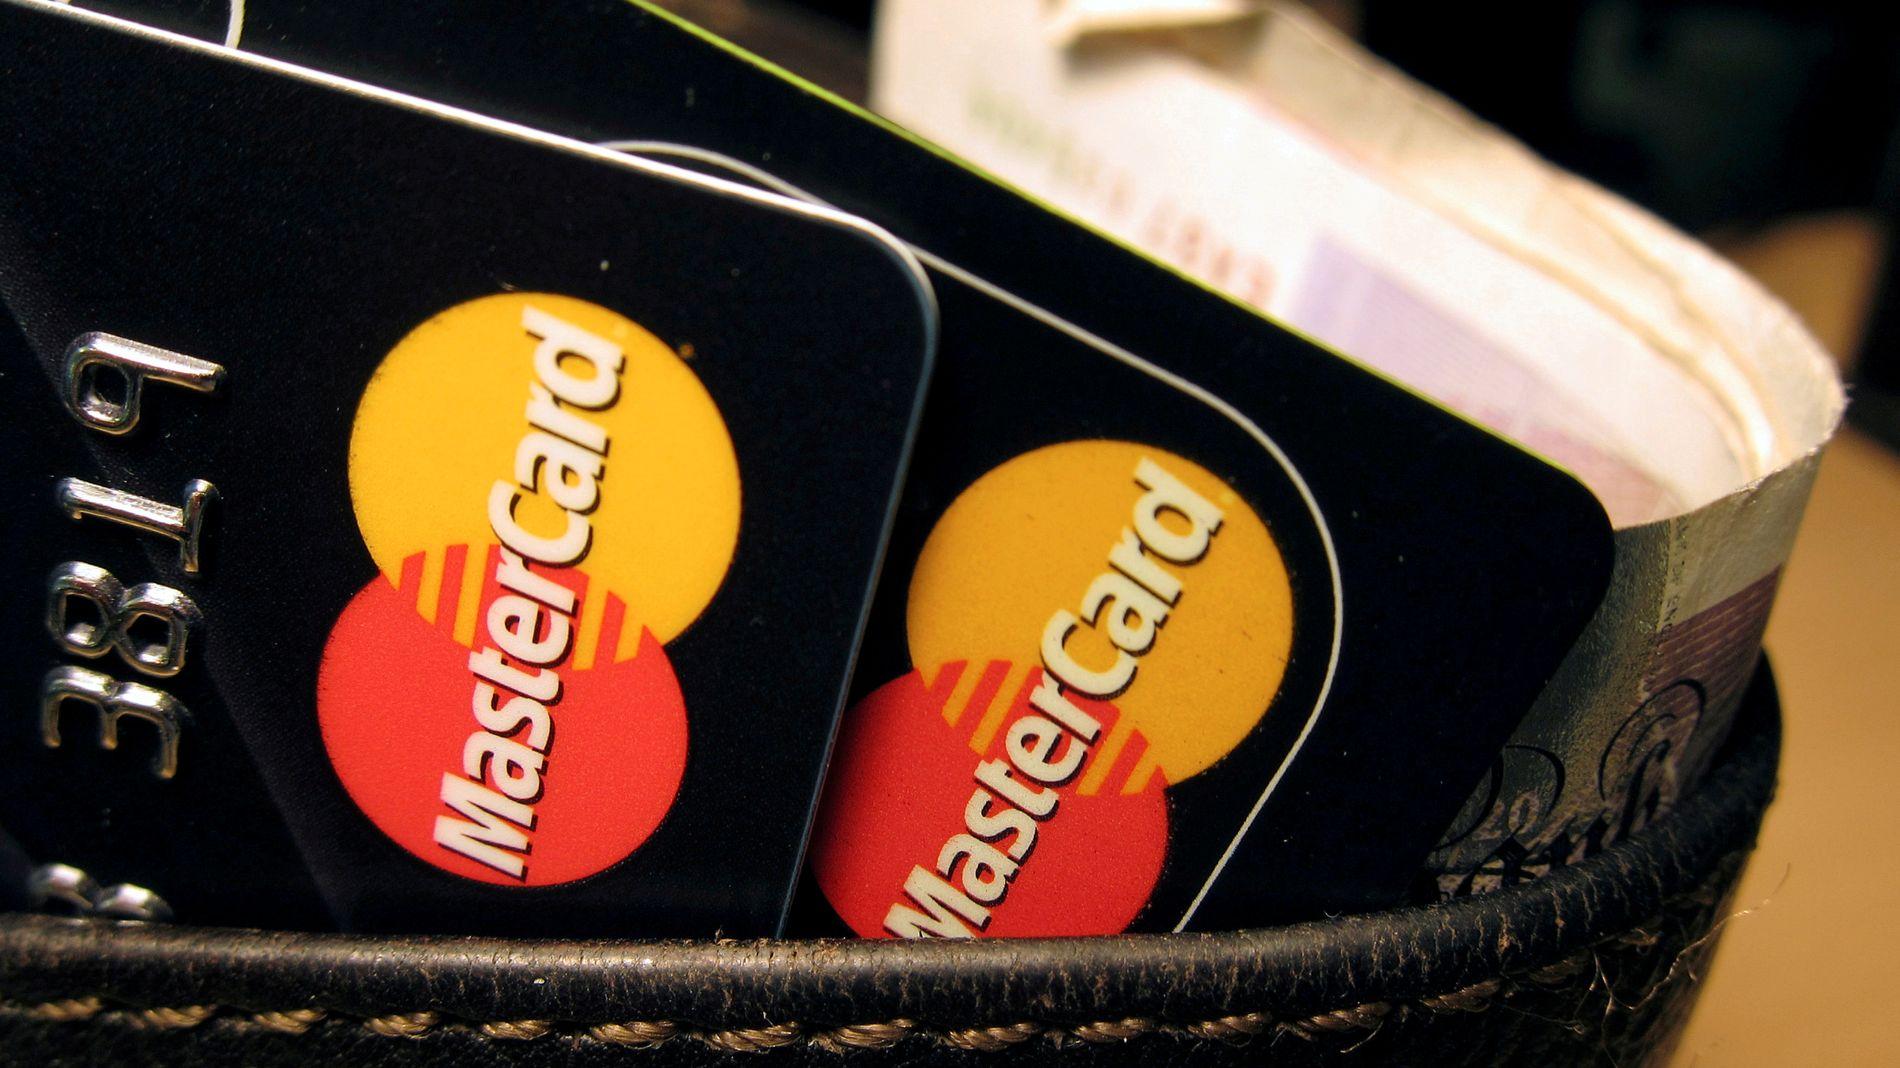 BLIR HISTORIE: Fremtidens betalingsløsninger inneholder trolig hverken plastkort eller kontanter, ifølge ekspertene.